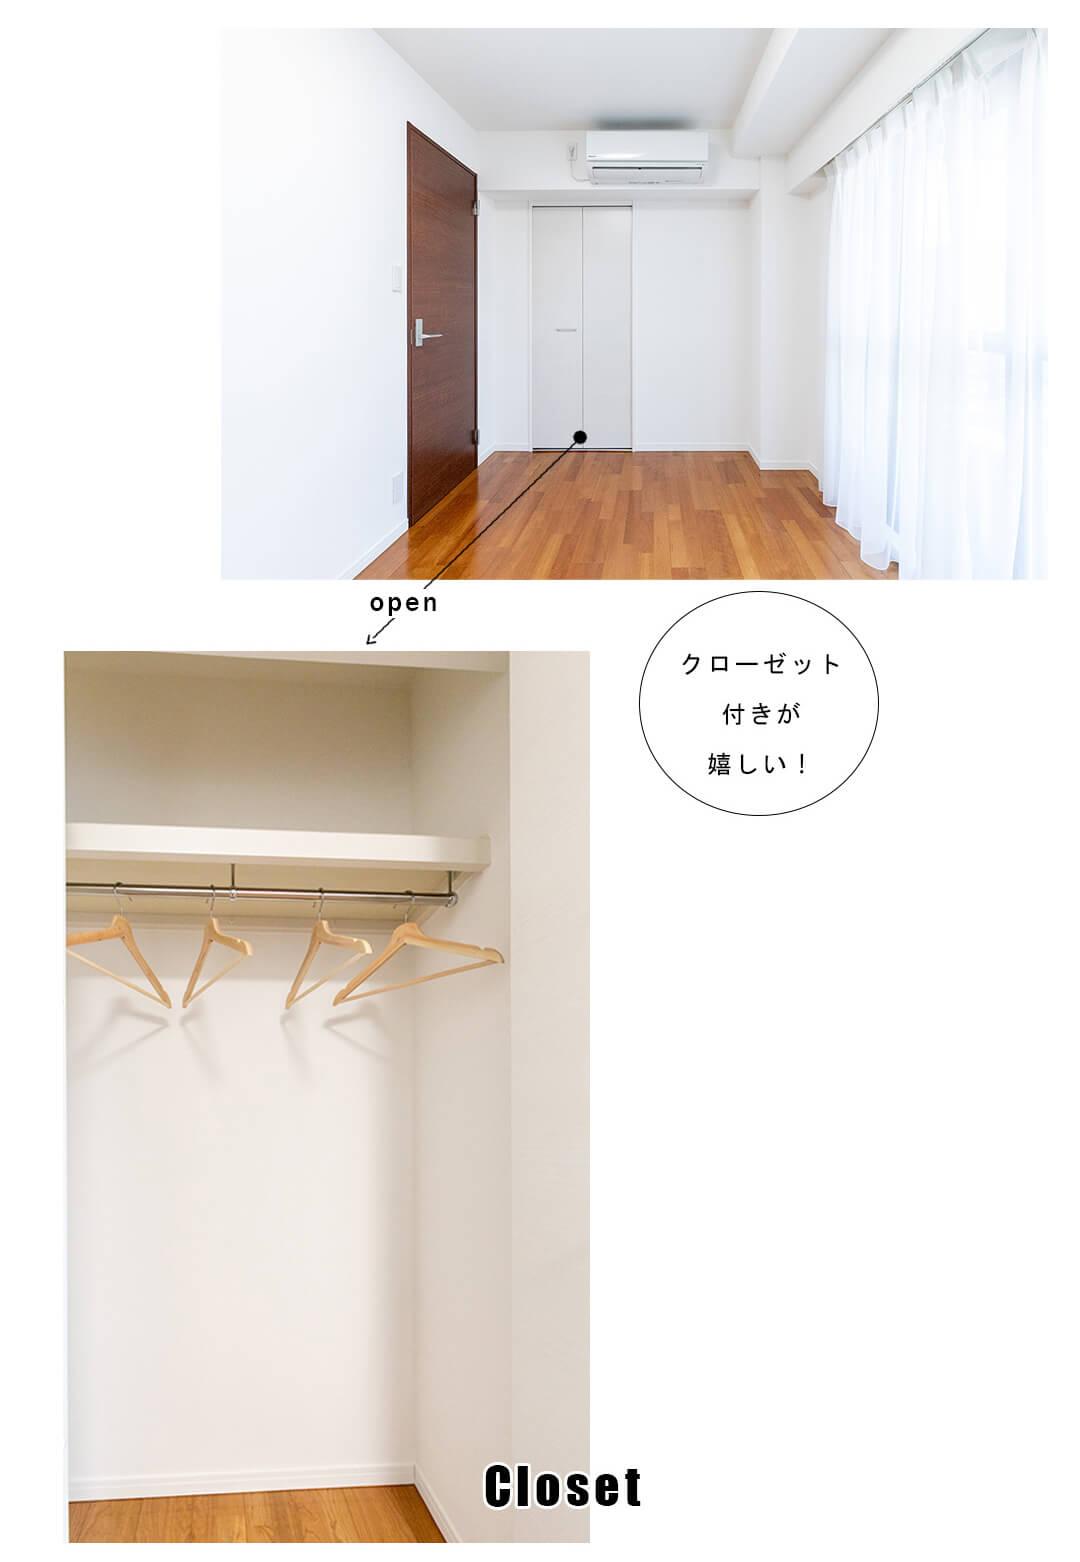 ジョイア上野毛 402の洋室(約5.7帖)